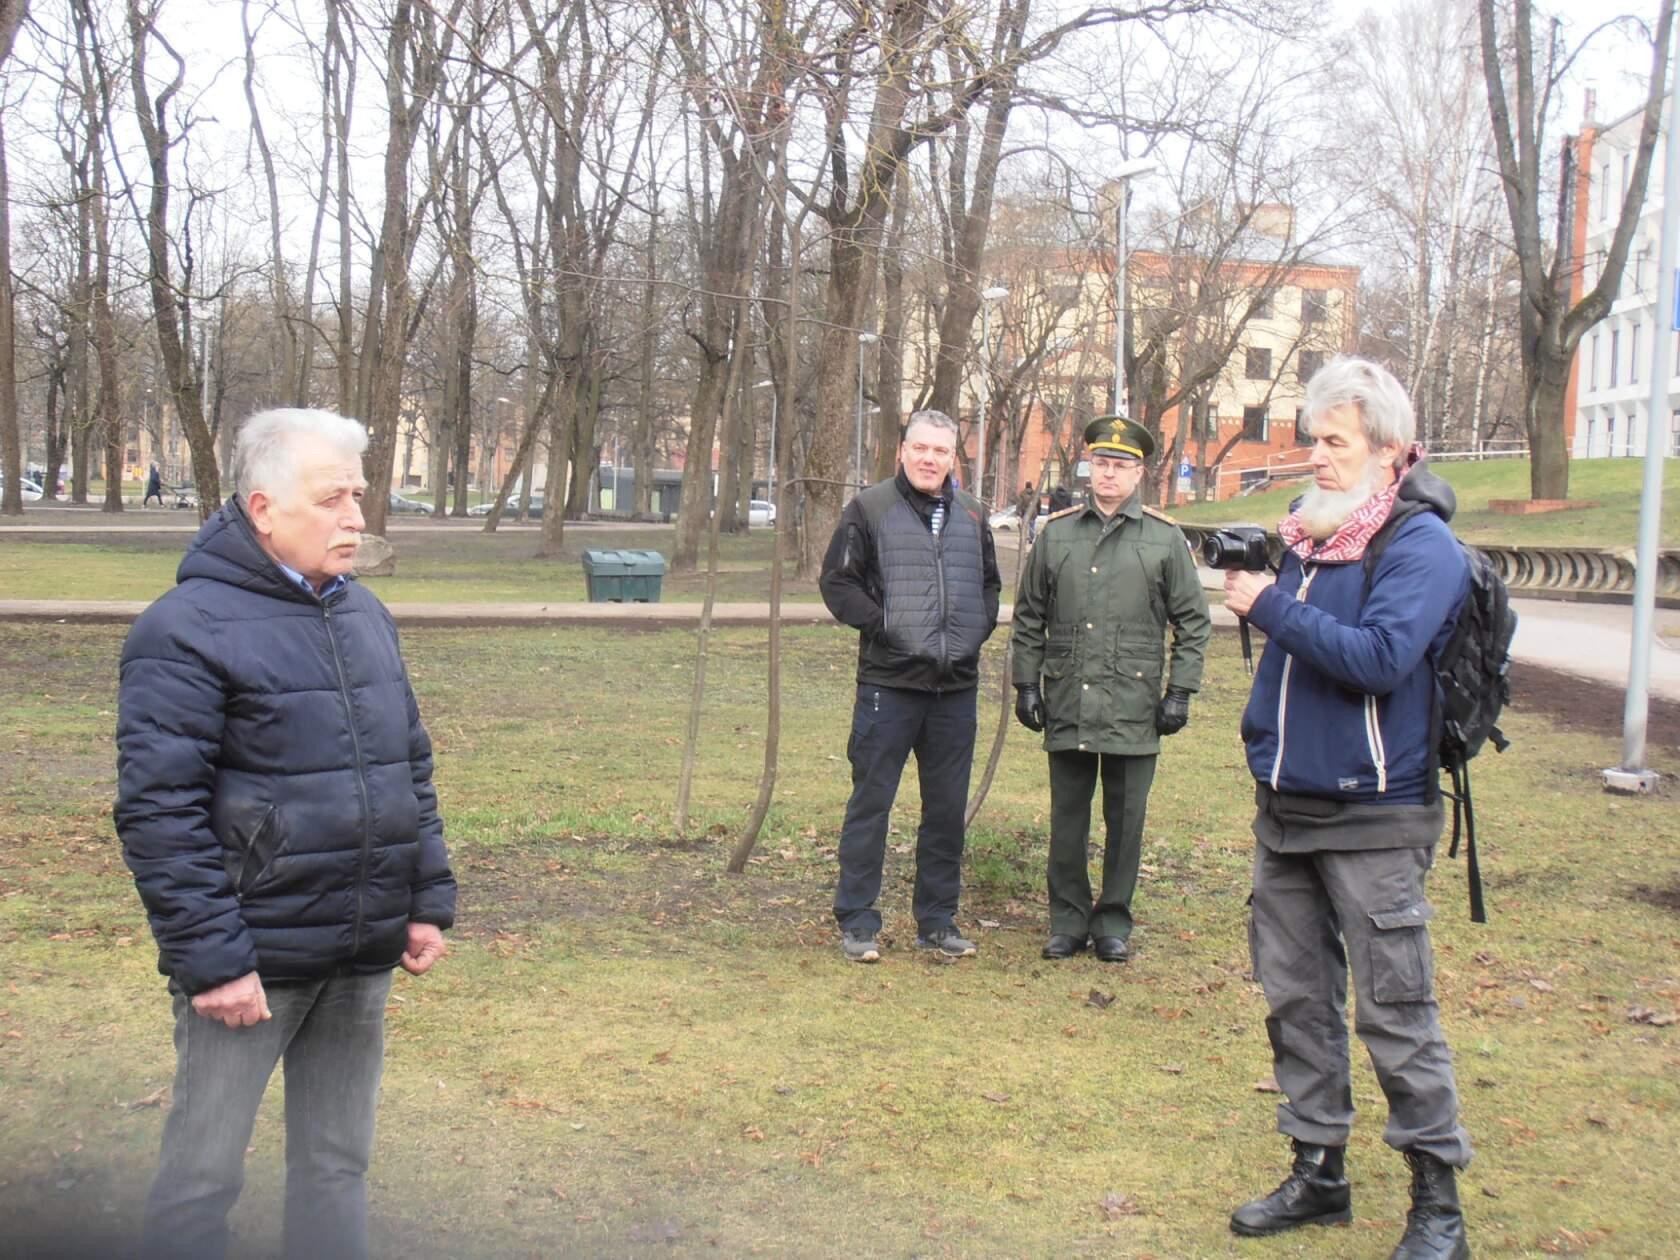 Altenburgs kopā ar Ruslanu Ušakovu pasākuma laikā Rīgā. Foto no sociālajiem tīkliem.